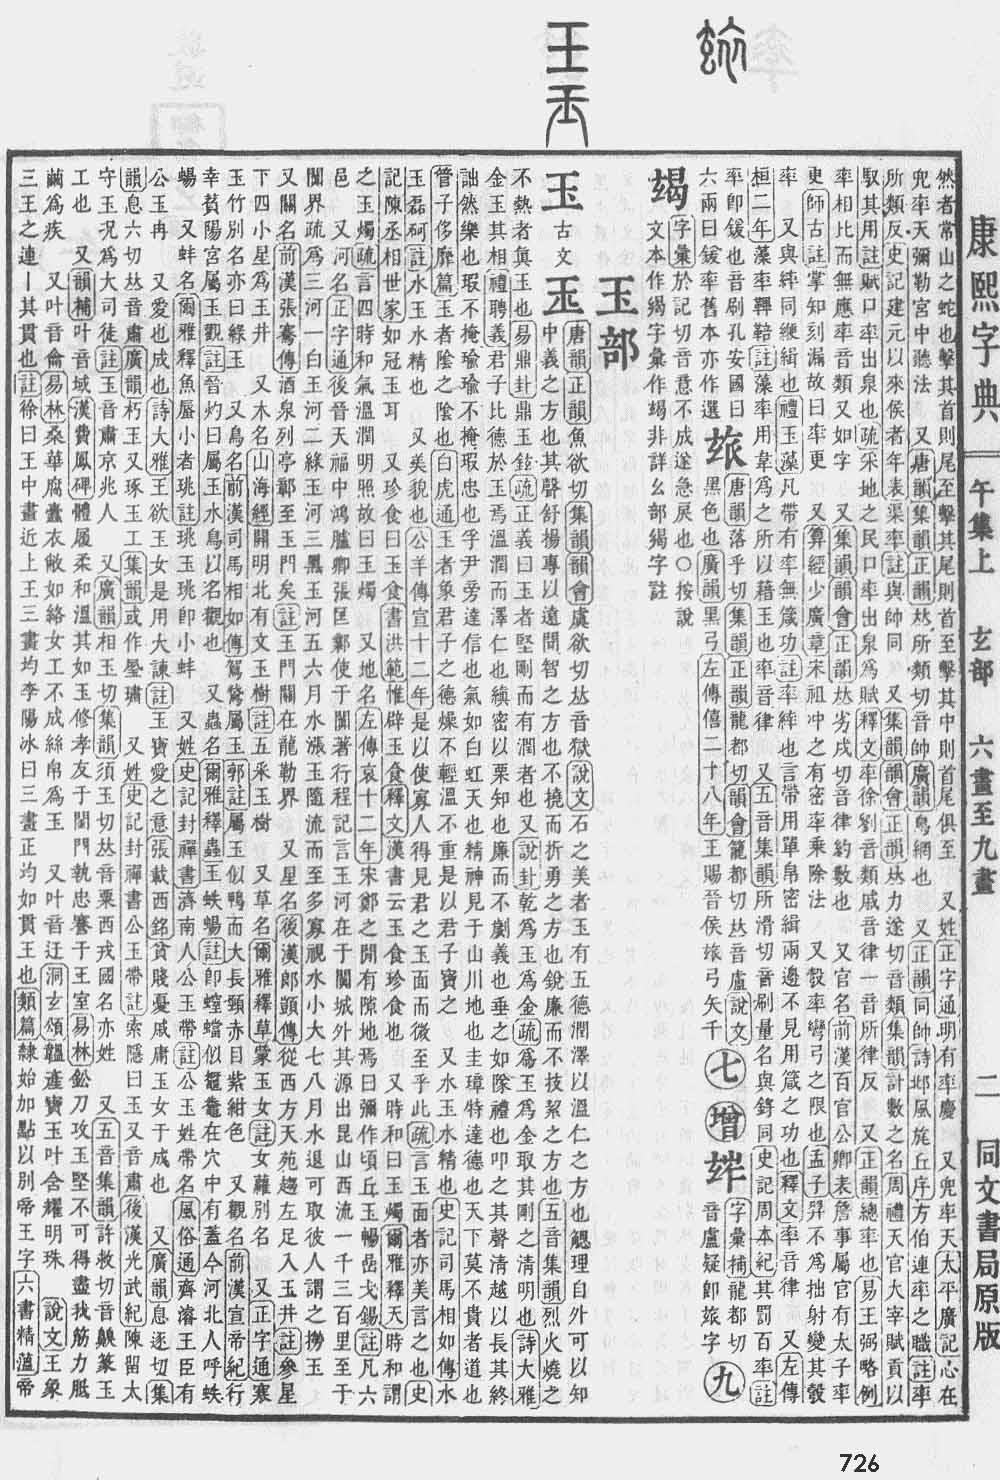 《康熙字典》第726页